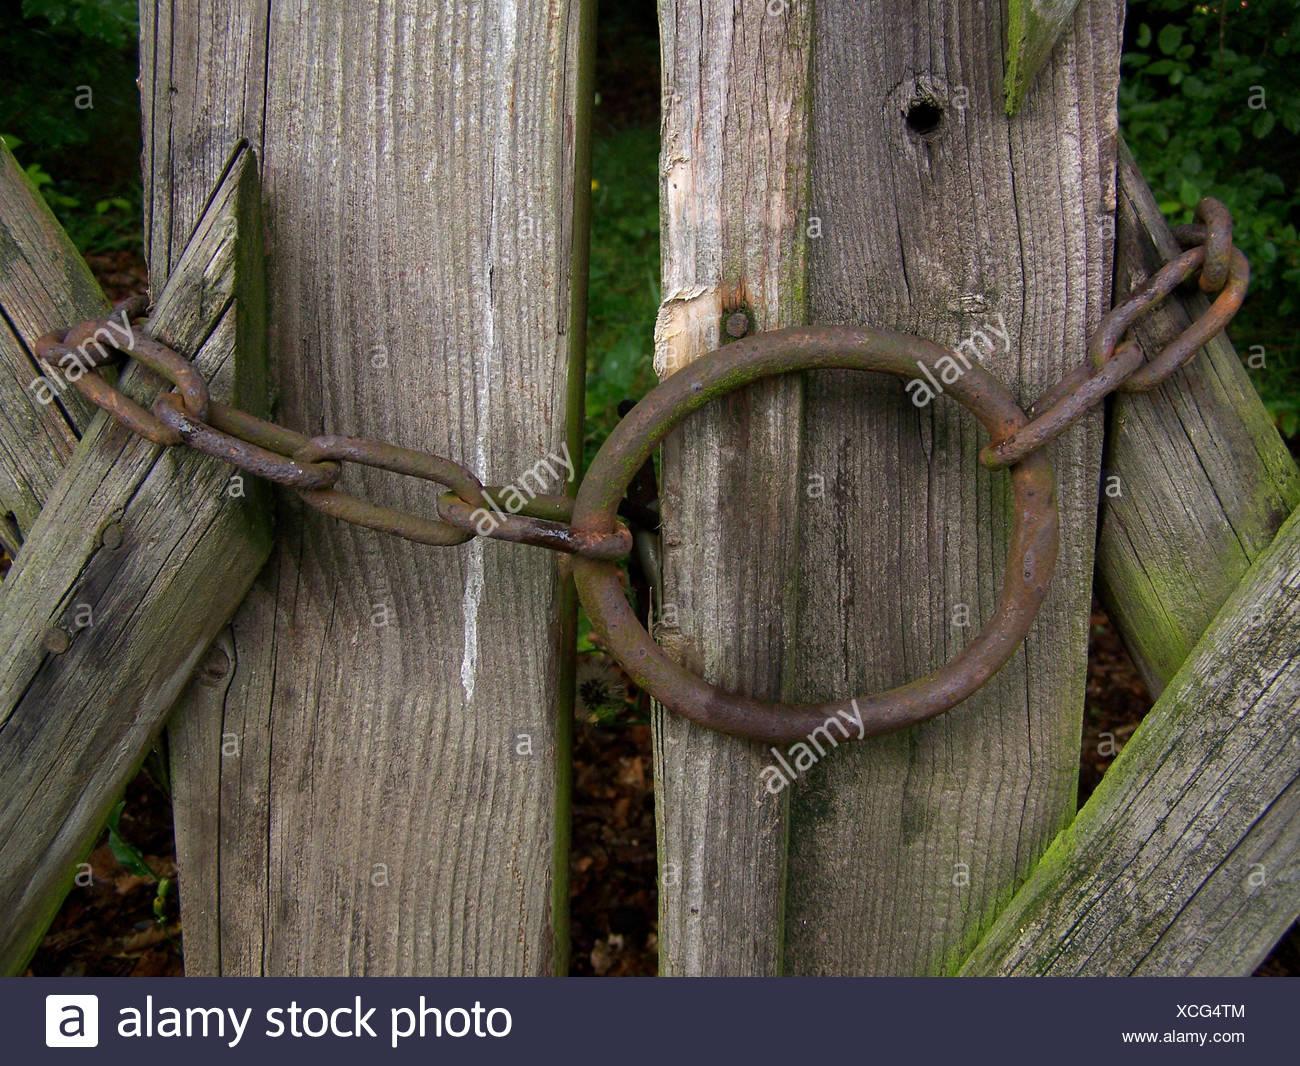 Holz Kette Eisen Verrostet Marode Zaun Metall Rost Schutzen Schutz